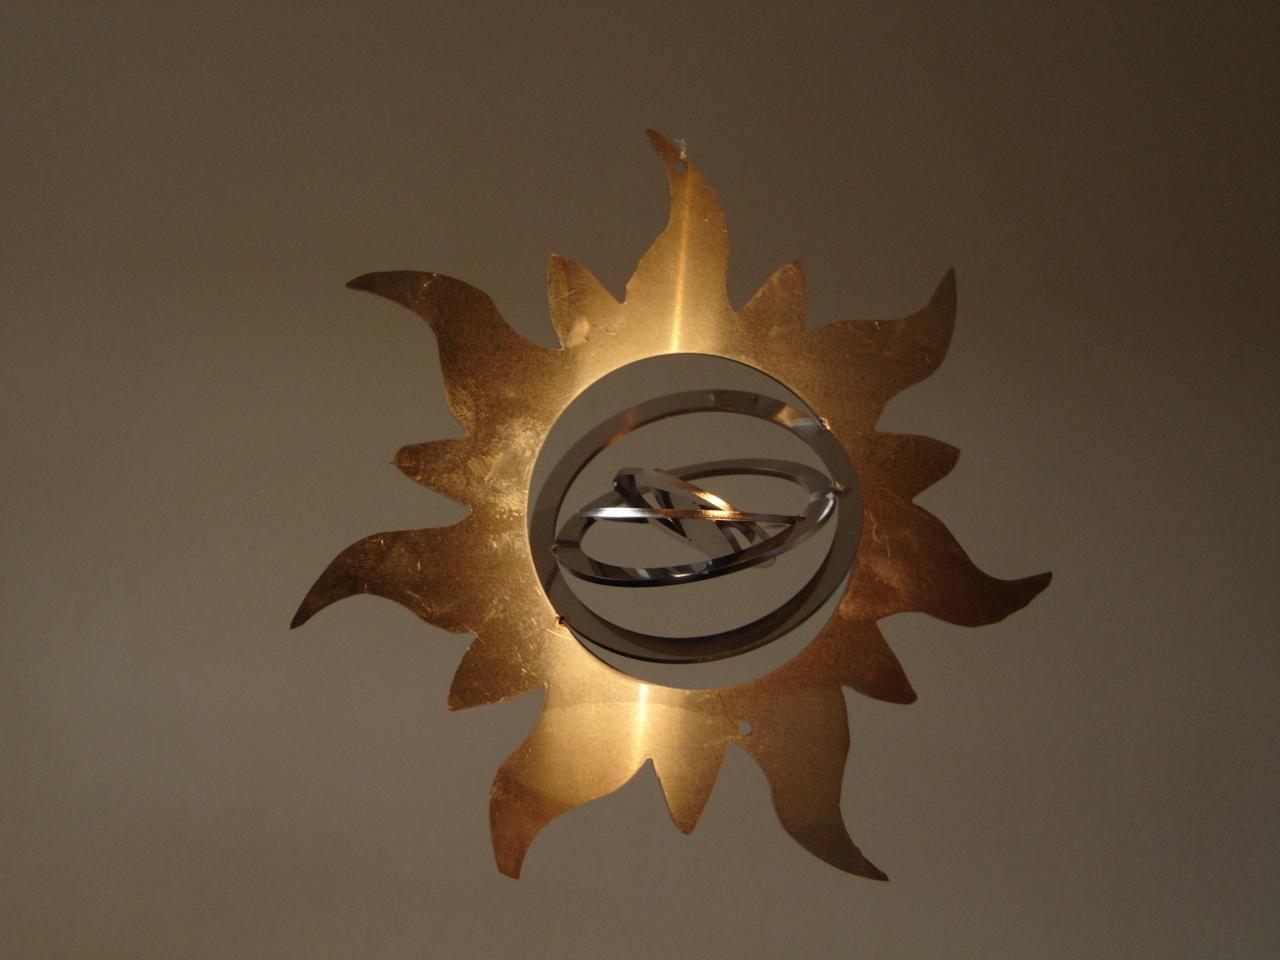 windspiel stern sol 150mm k s e shop. Black Bedroom Furniture Sets. Home Design Ideas